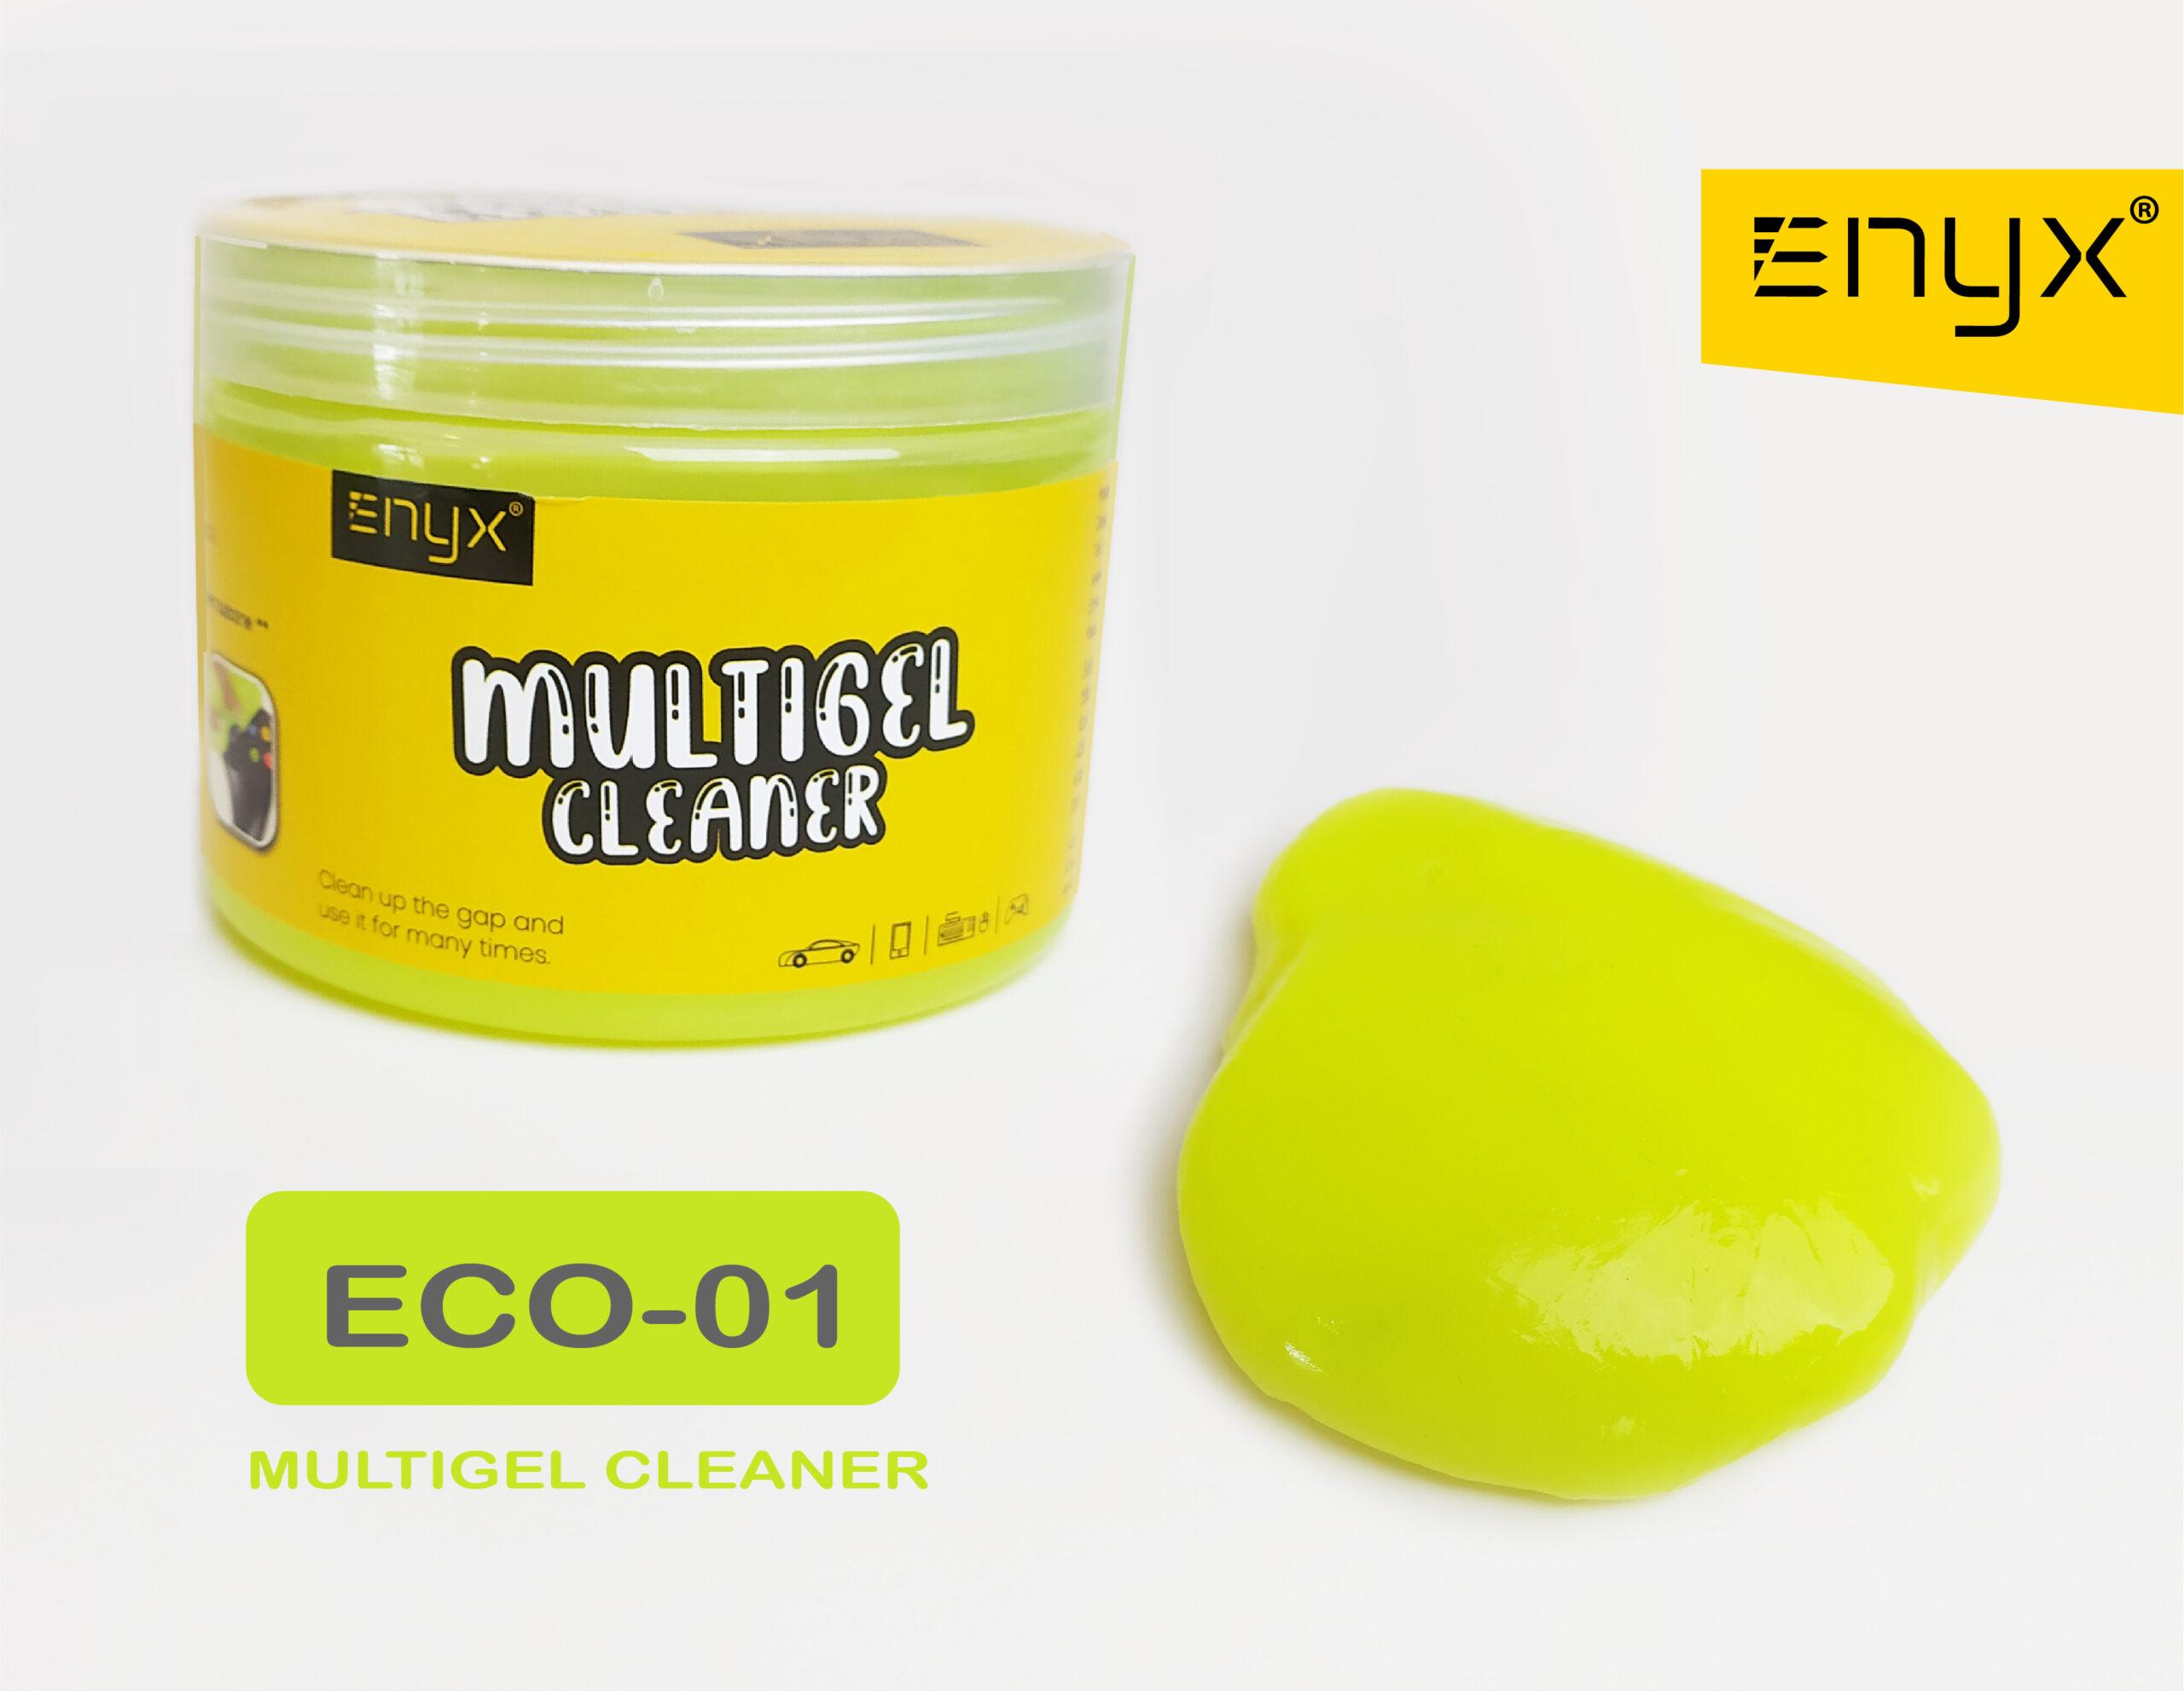 ECO-01 Multigel Cleaner